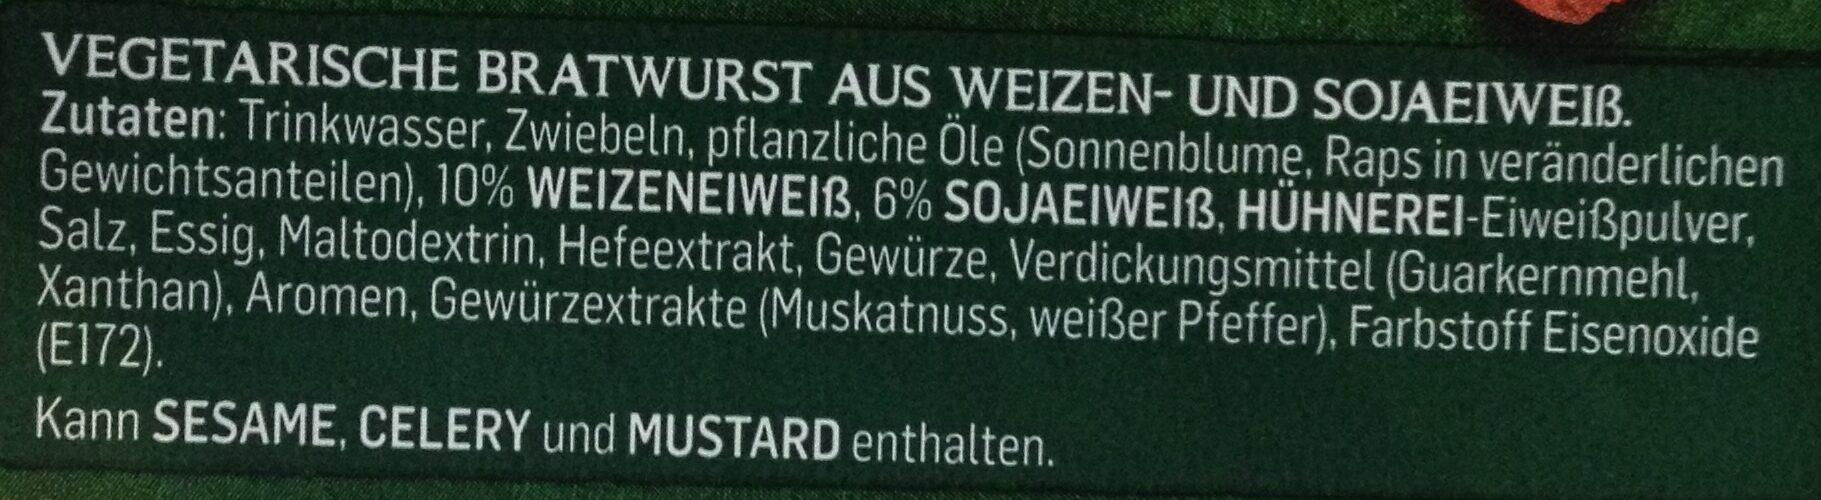 Garden Gourmet Vegetarische Bratwurst - Ingrédients - de